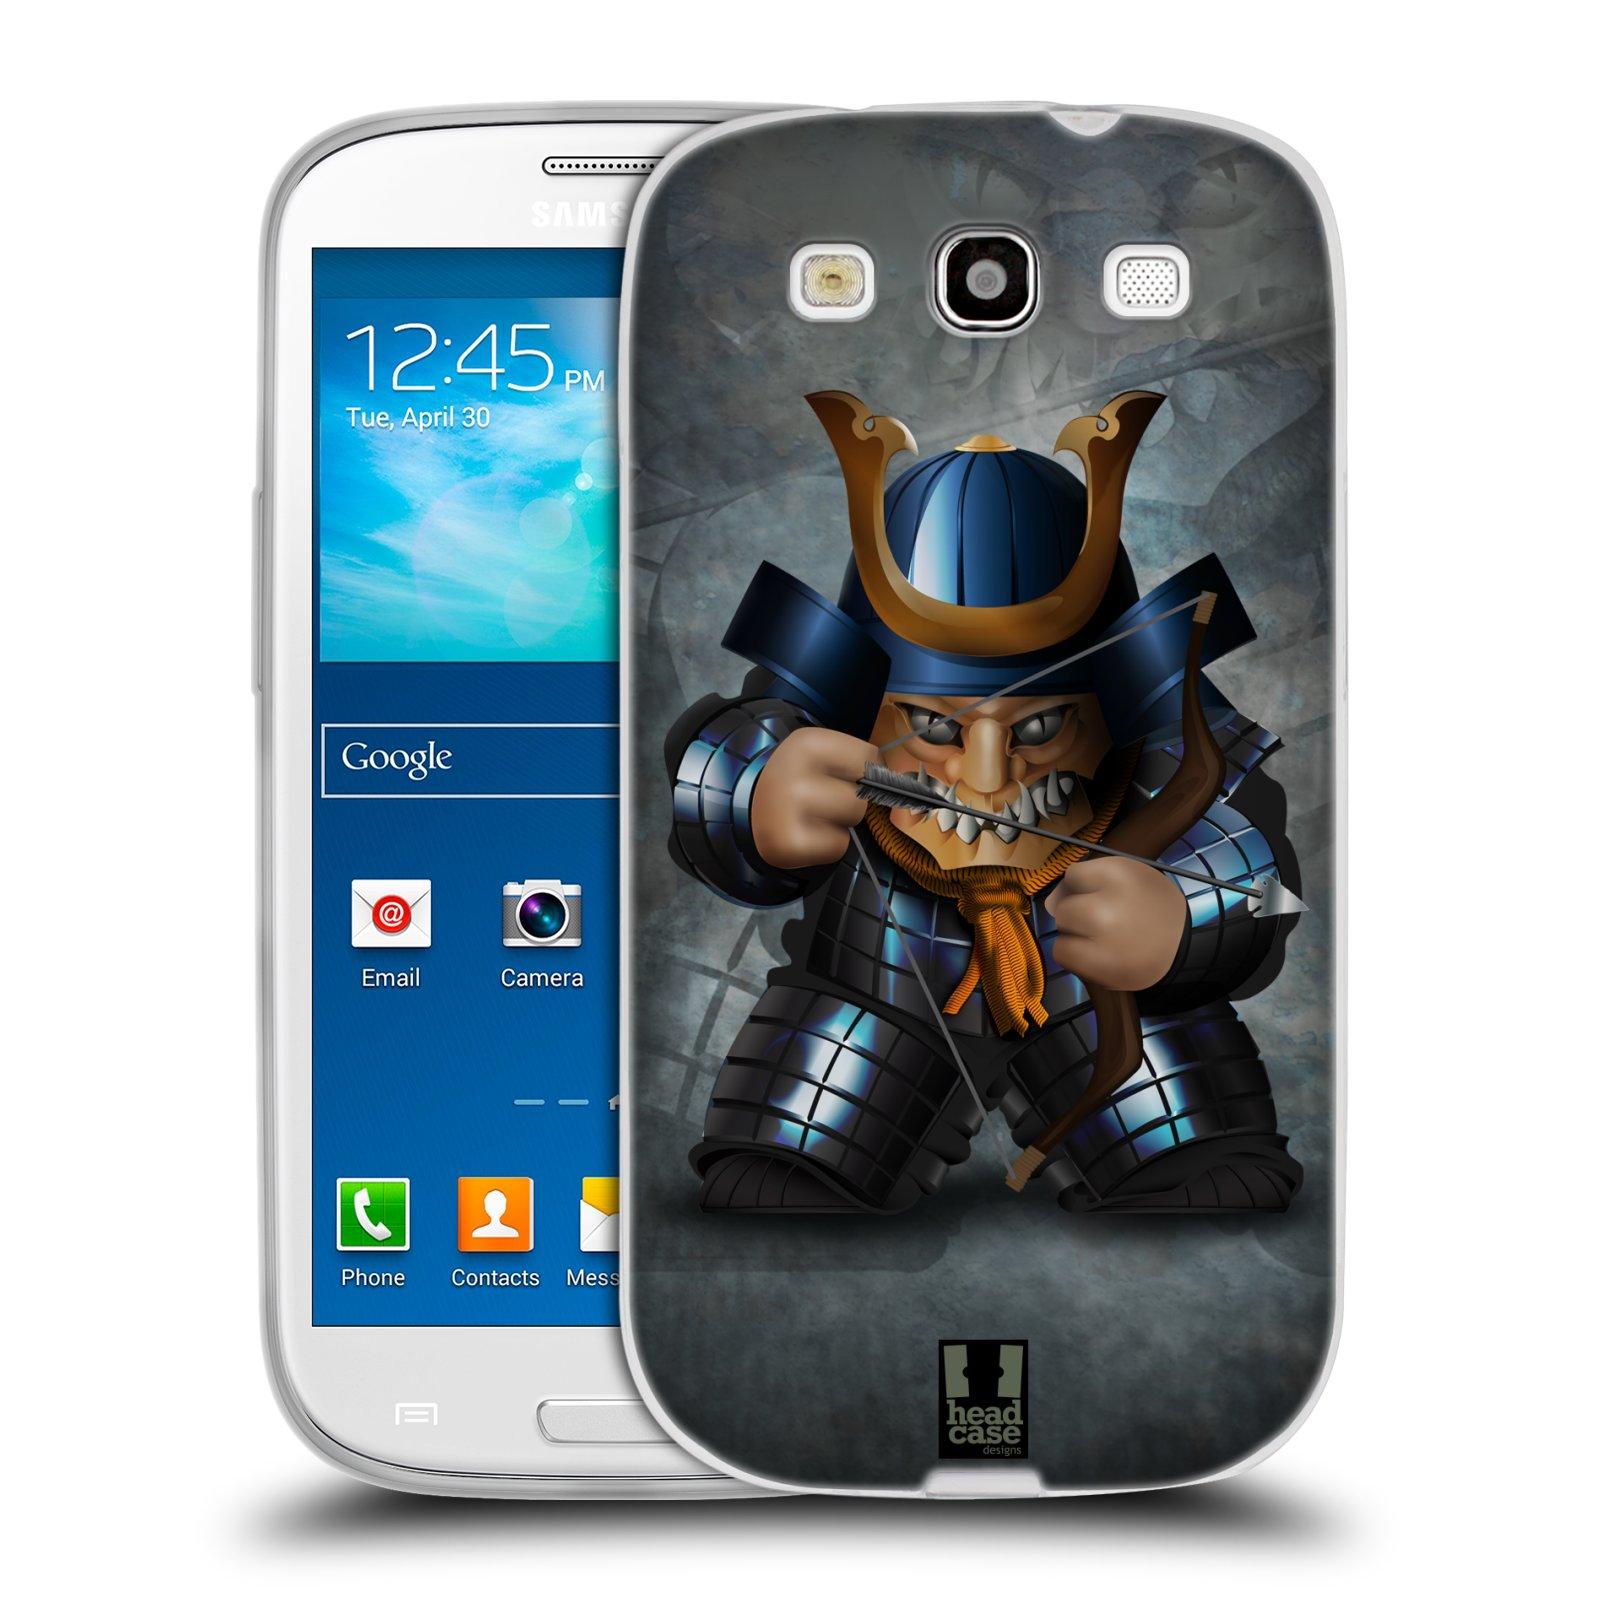 HEAD CASE silikonový obal na mobil Samsung Galaxy S3 i9300 vzor Malí bojovníci SHOGUN STŘELEC